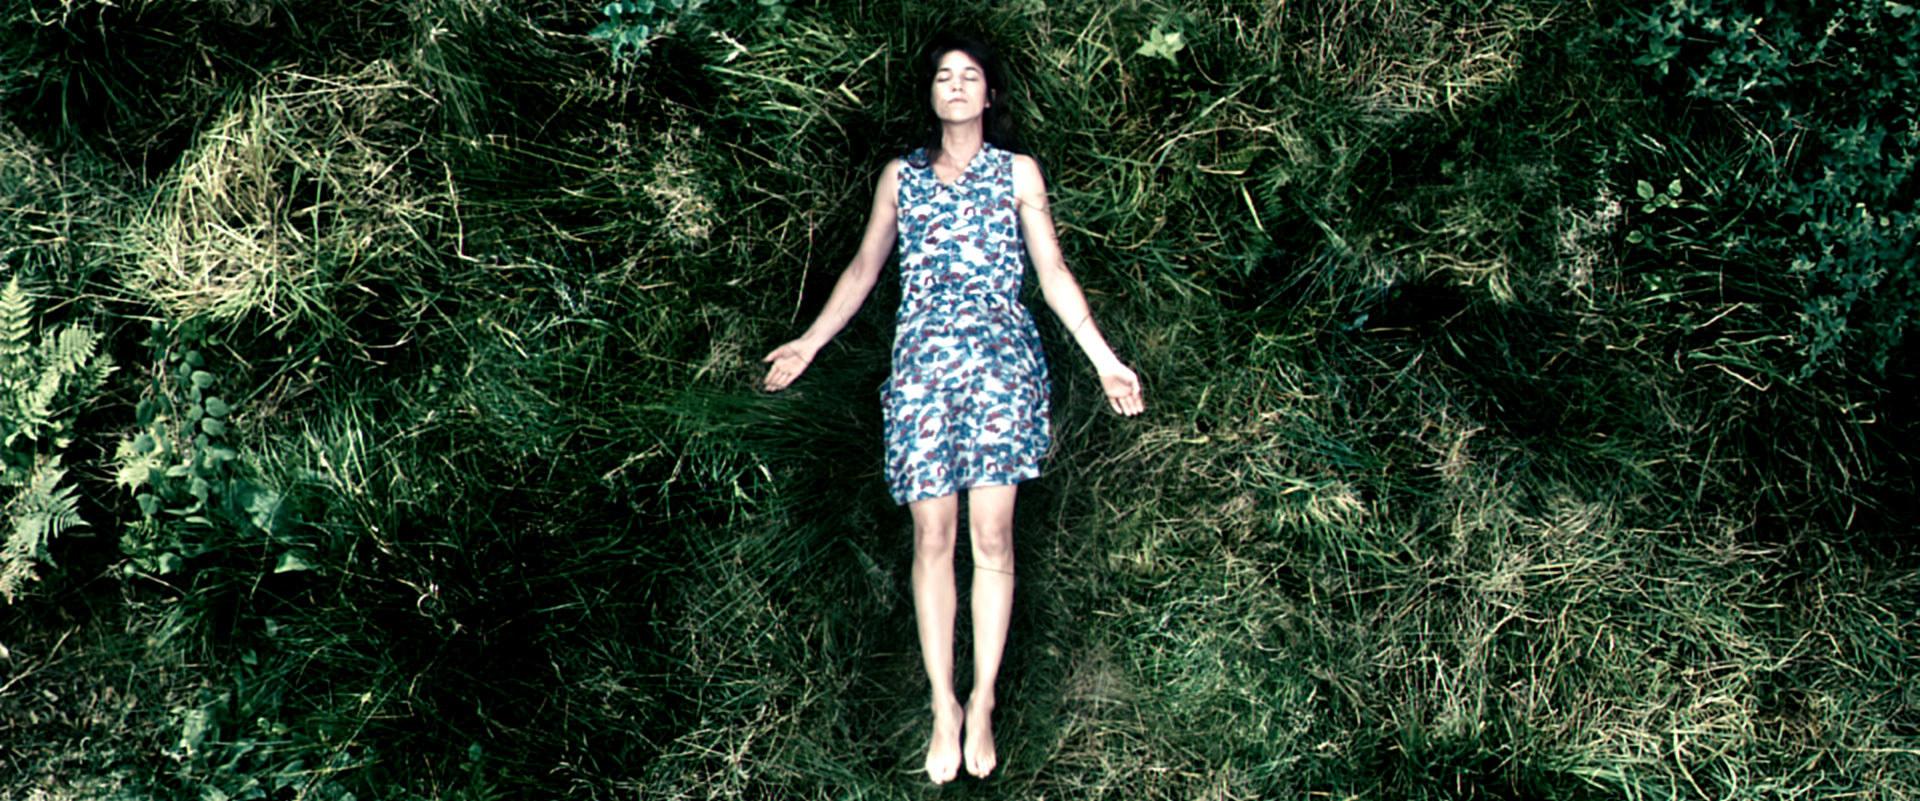 a woman lying in a grassy field